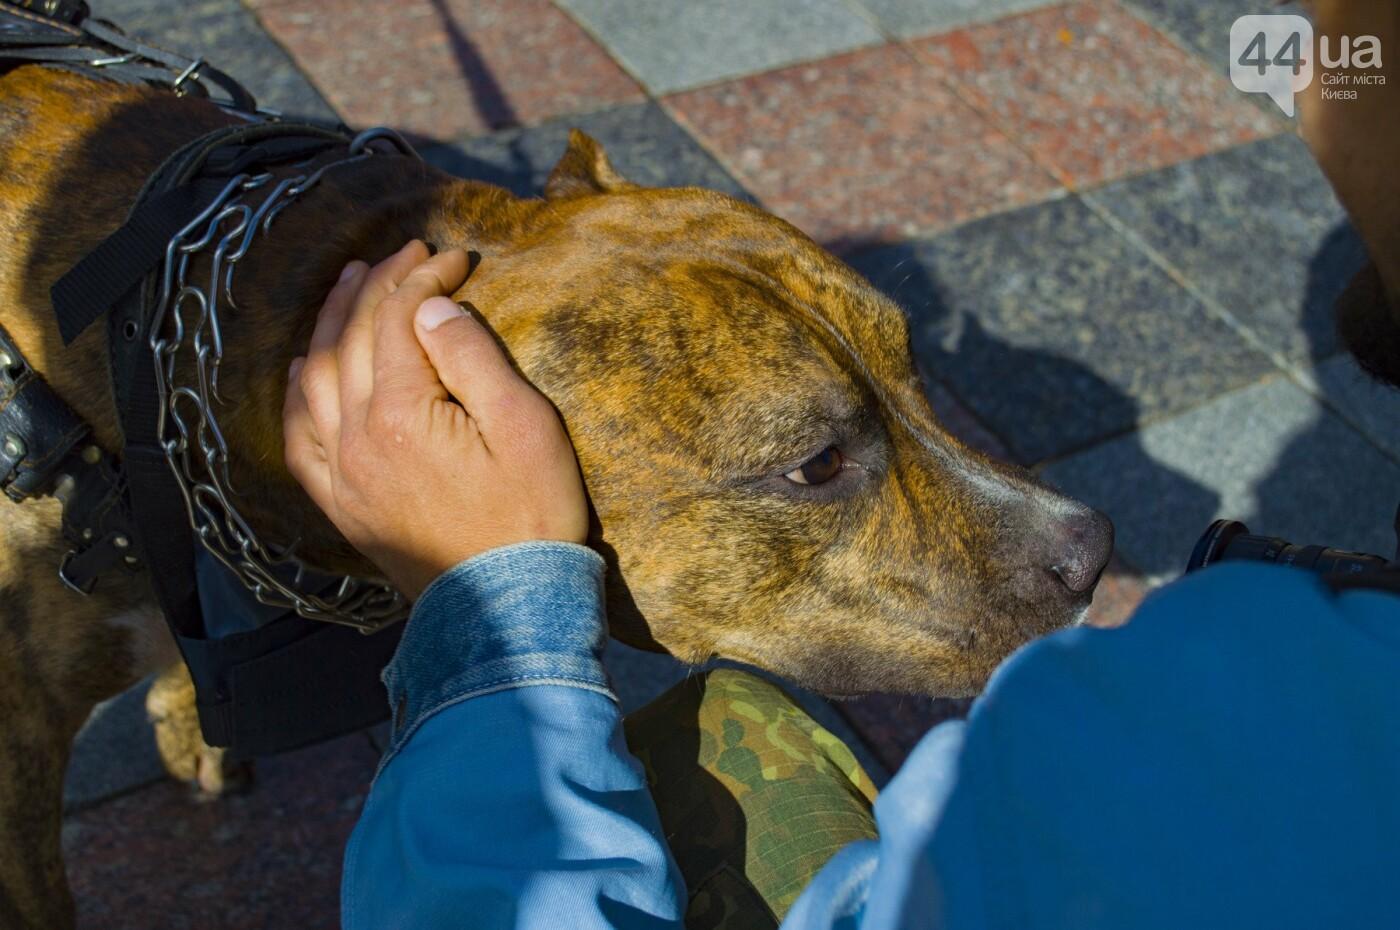 Собаки, коты и хомячки: в Киеве прошла акция за права животных, - ФОТОРЕПОРТАЖ, фото-9